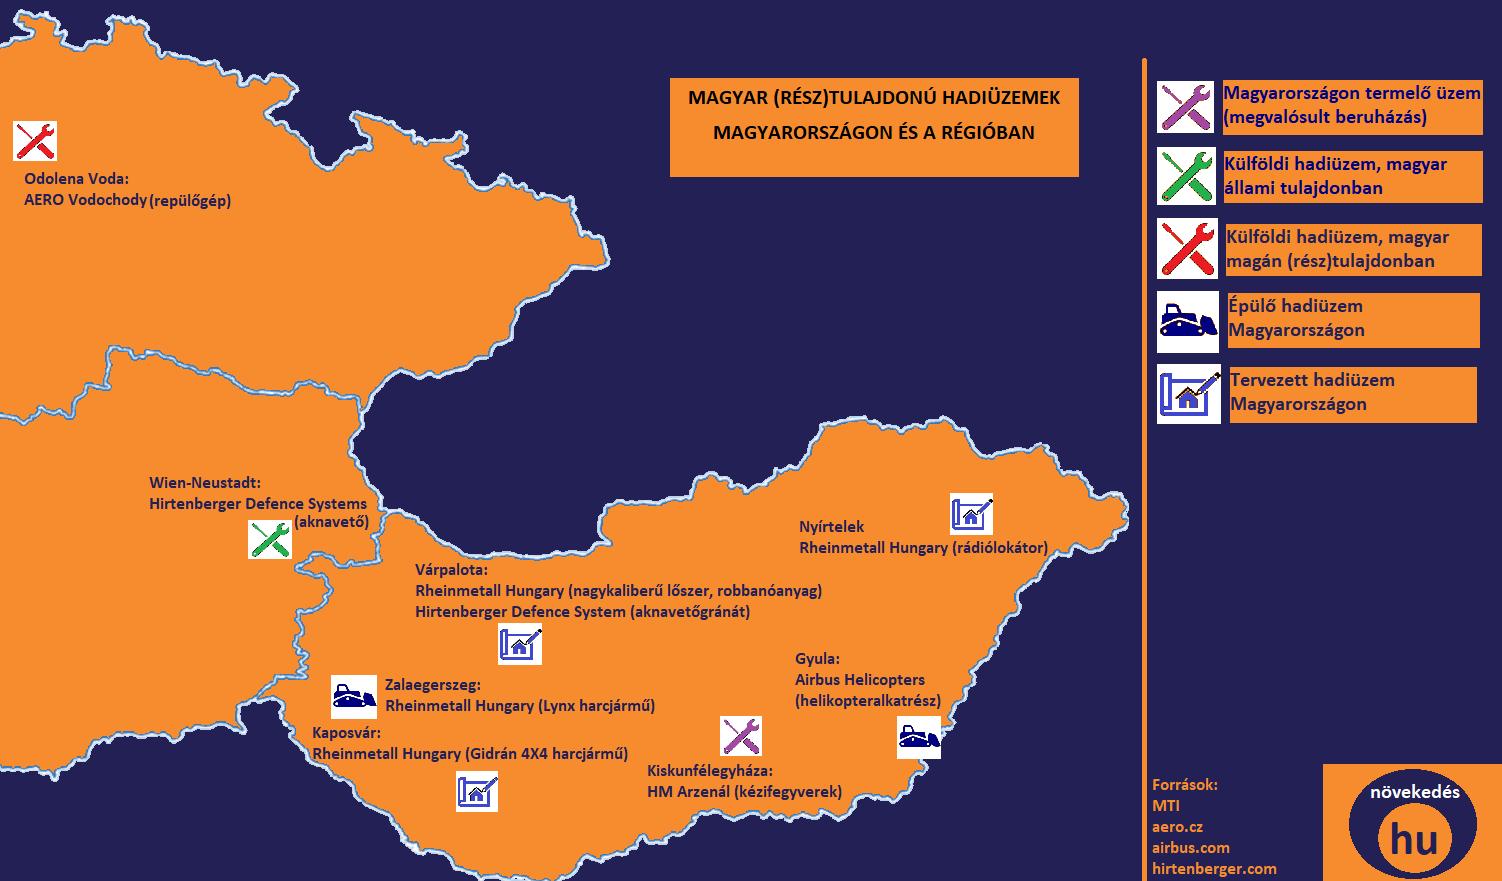 Térképre tettük a haderőfejlesztési programot: hol épülnek most hadiüzemek Magyarországon?